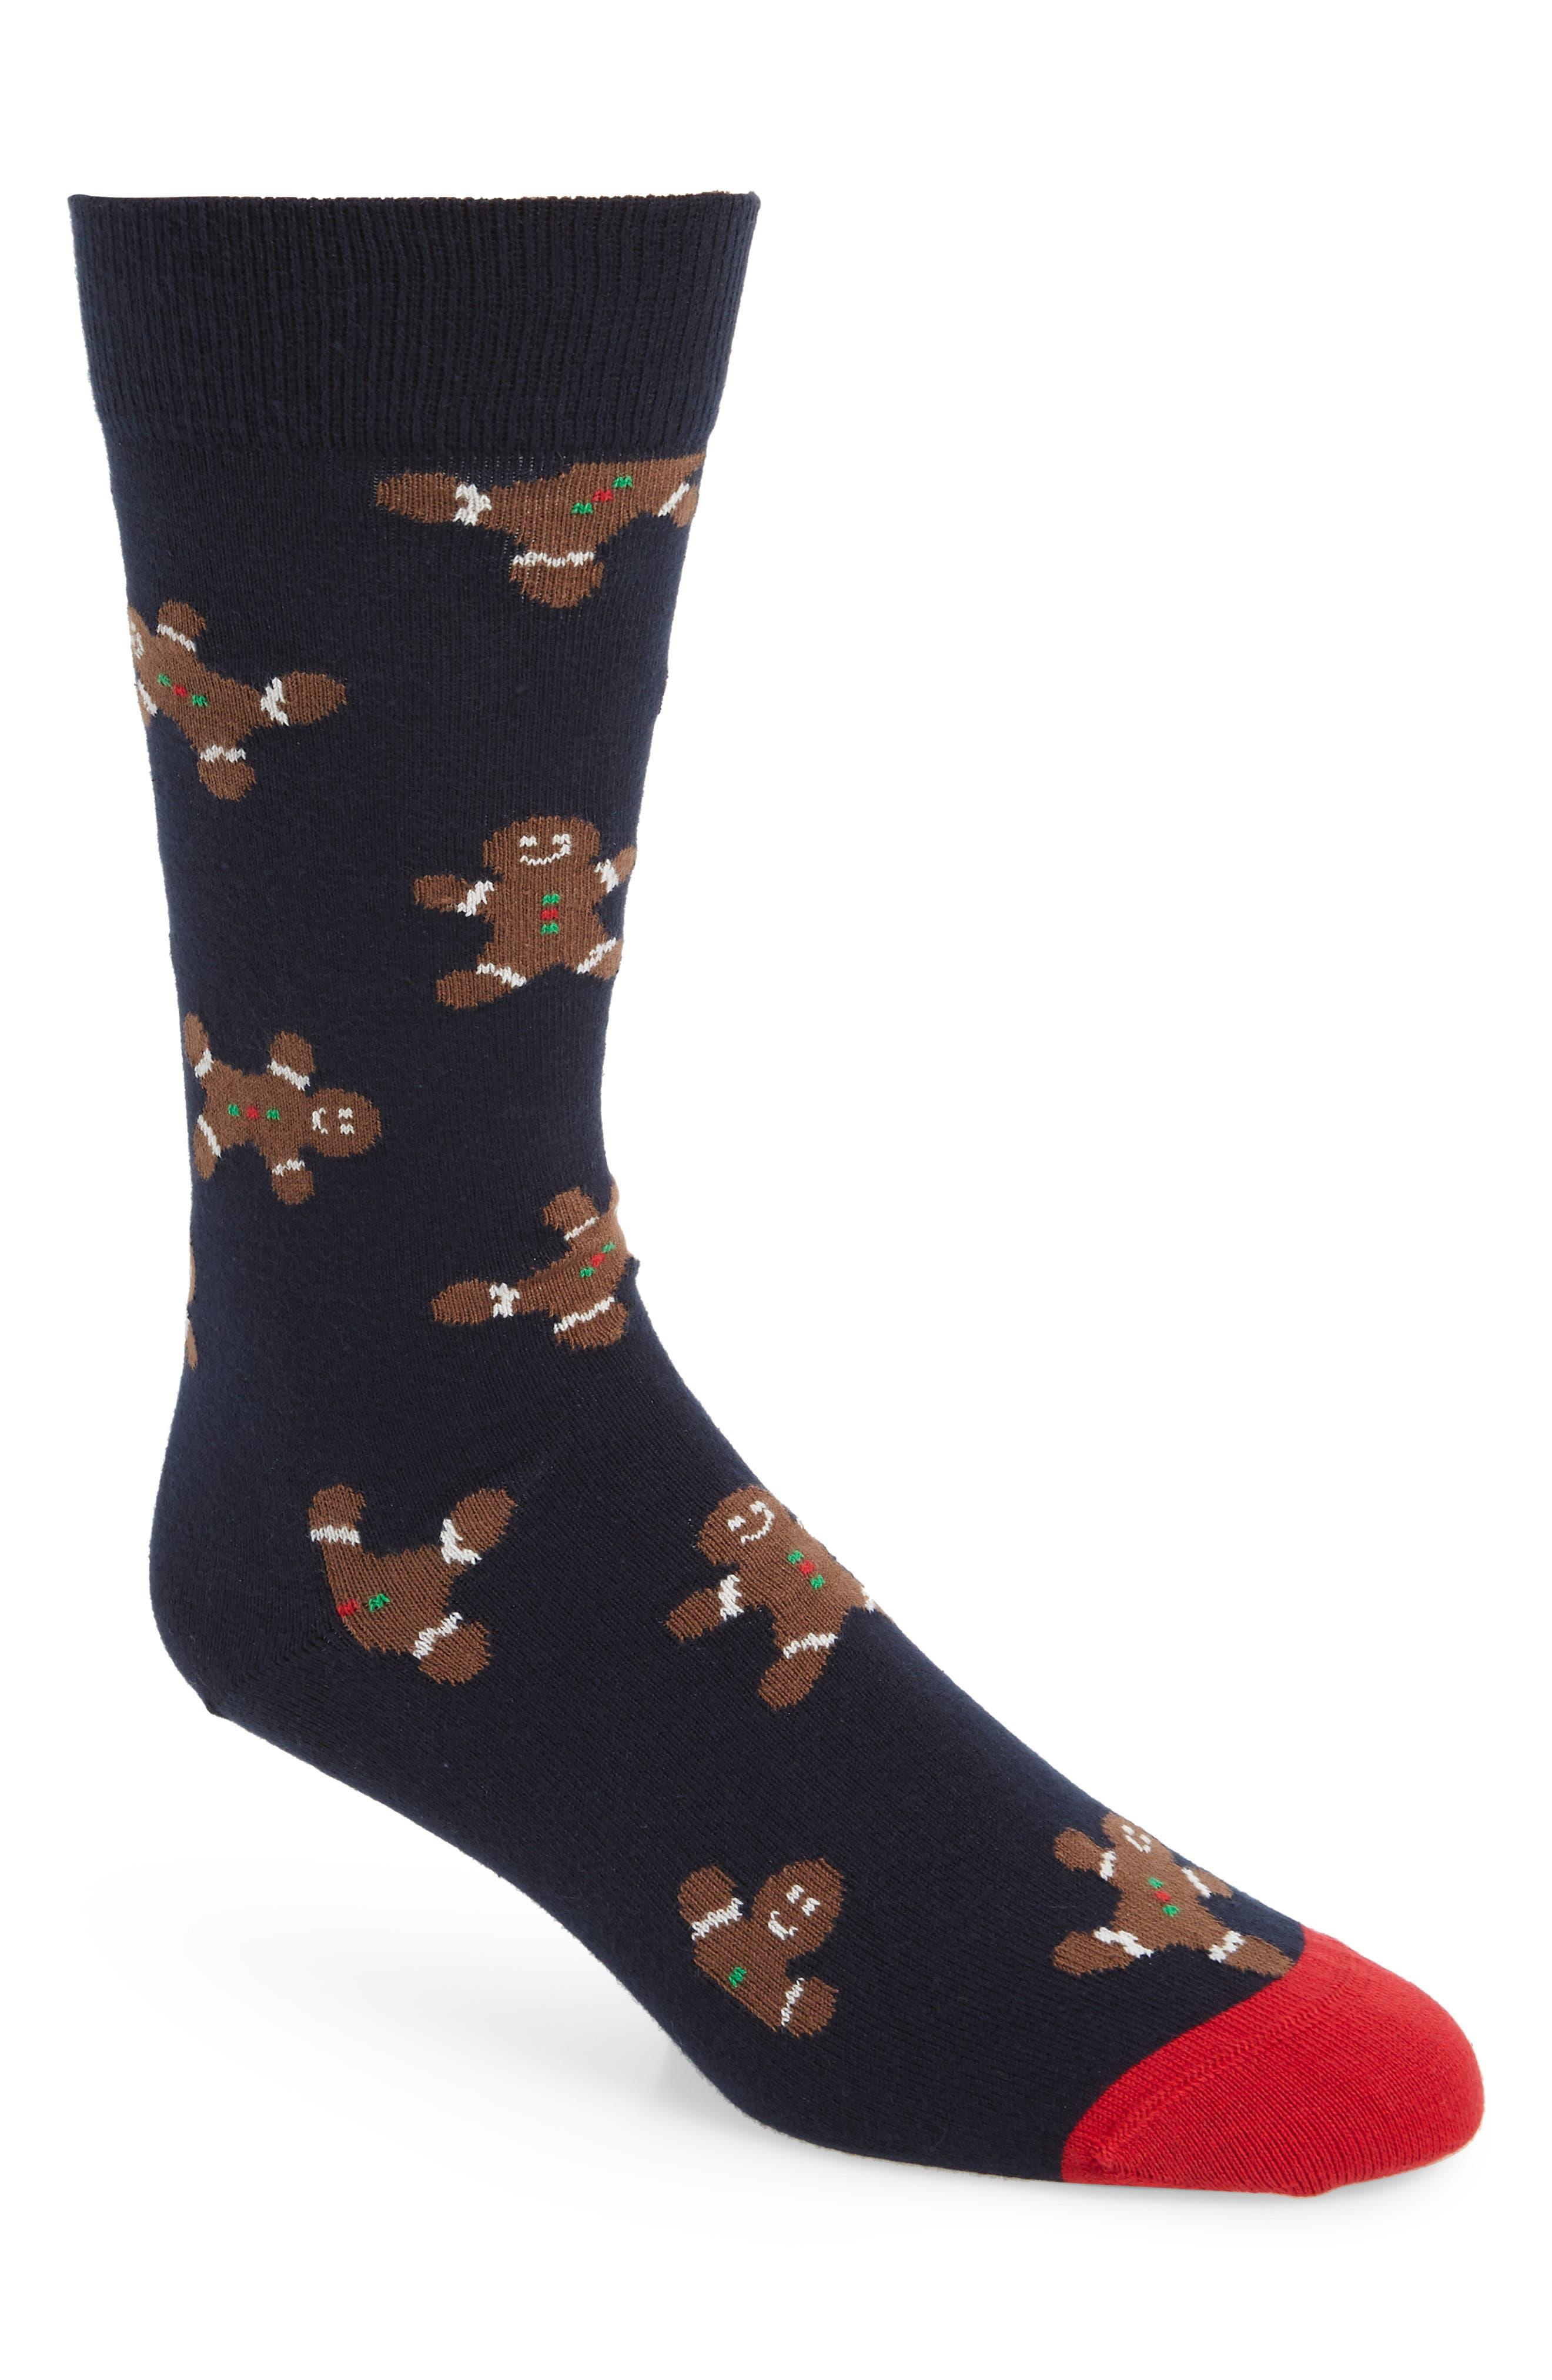 HAPPY SOCKS Gingerbread Men Socks in Black